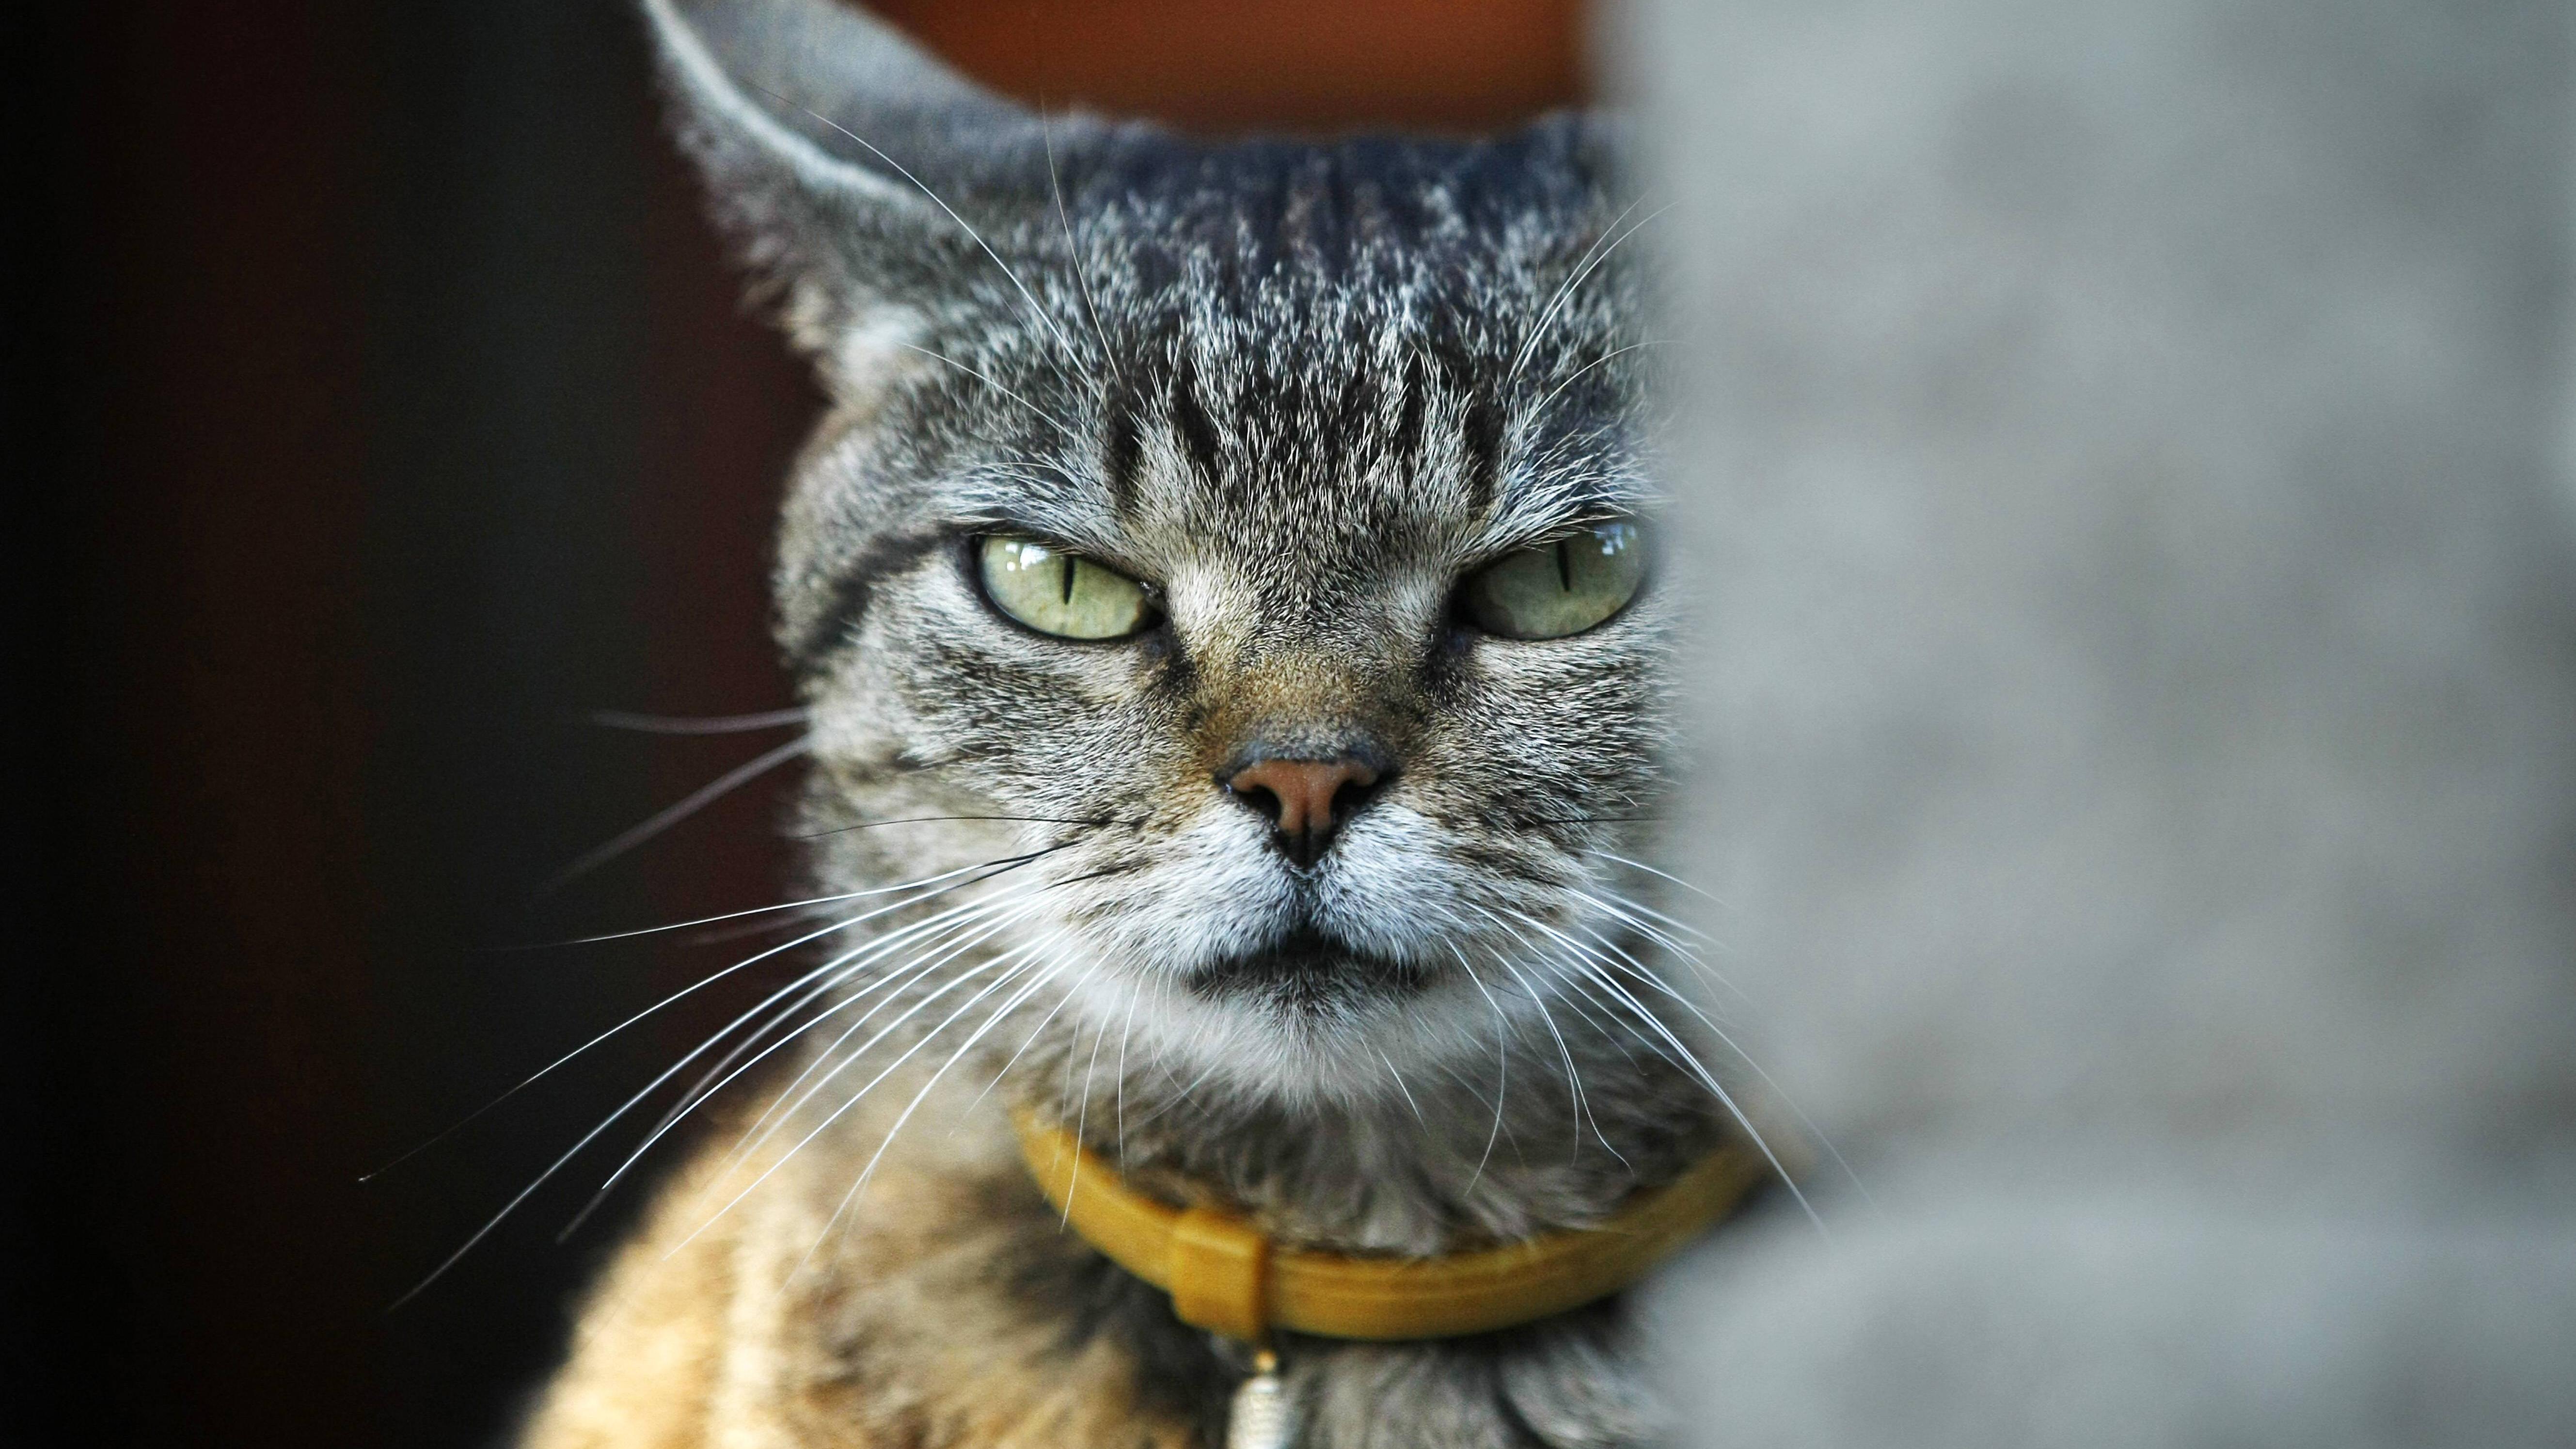 Aggressive Katze beruhigen: So gehen Sie vor